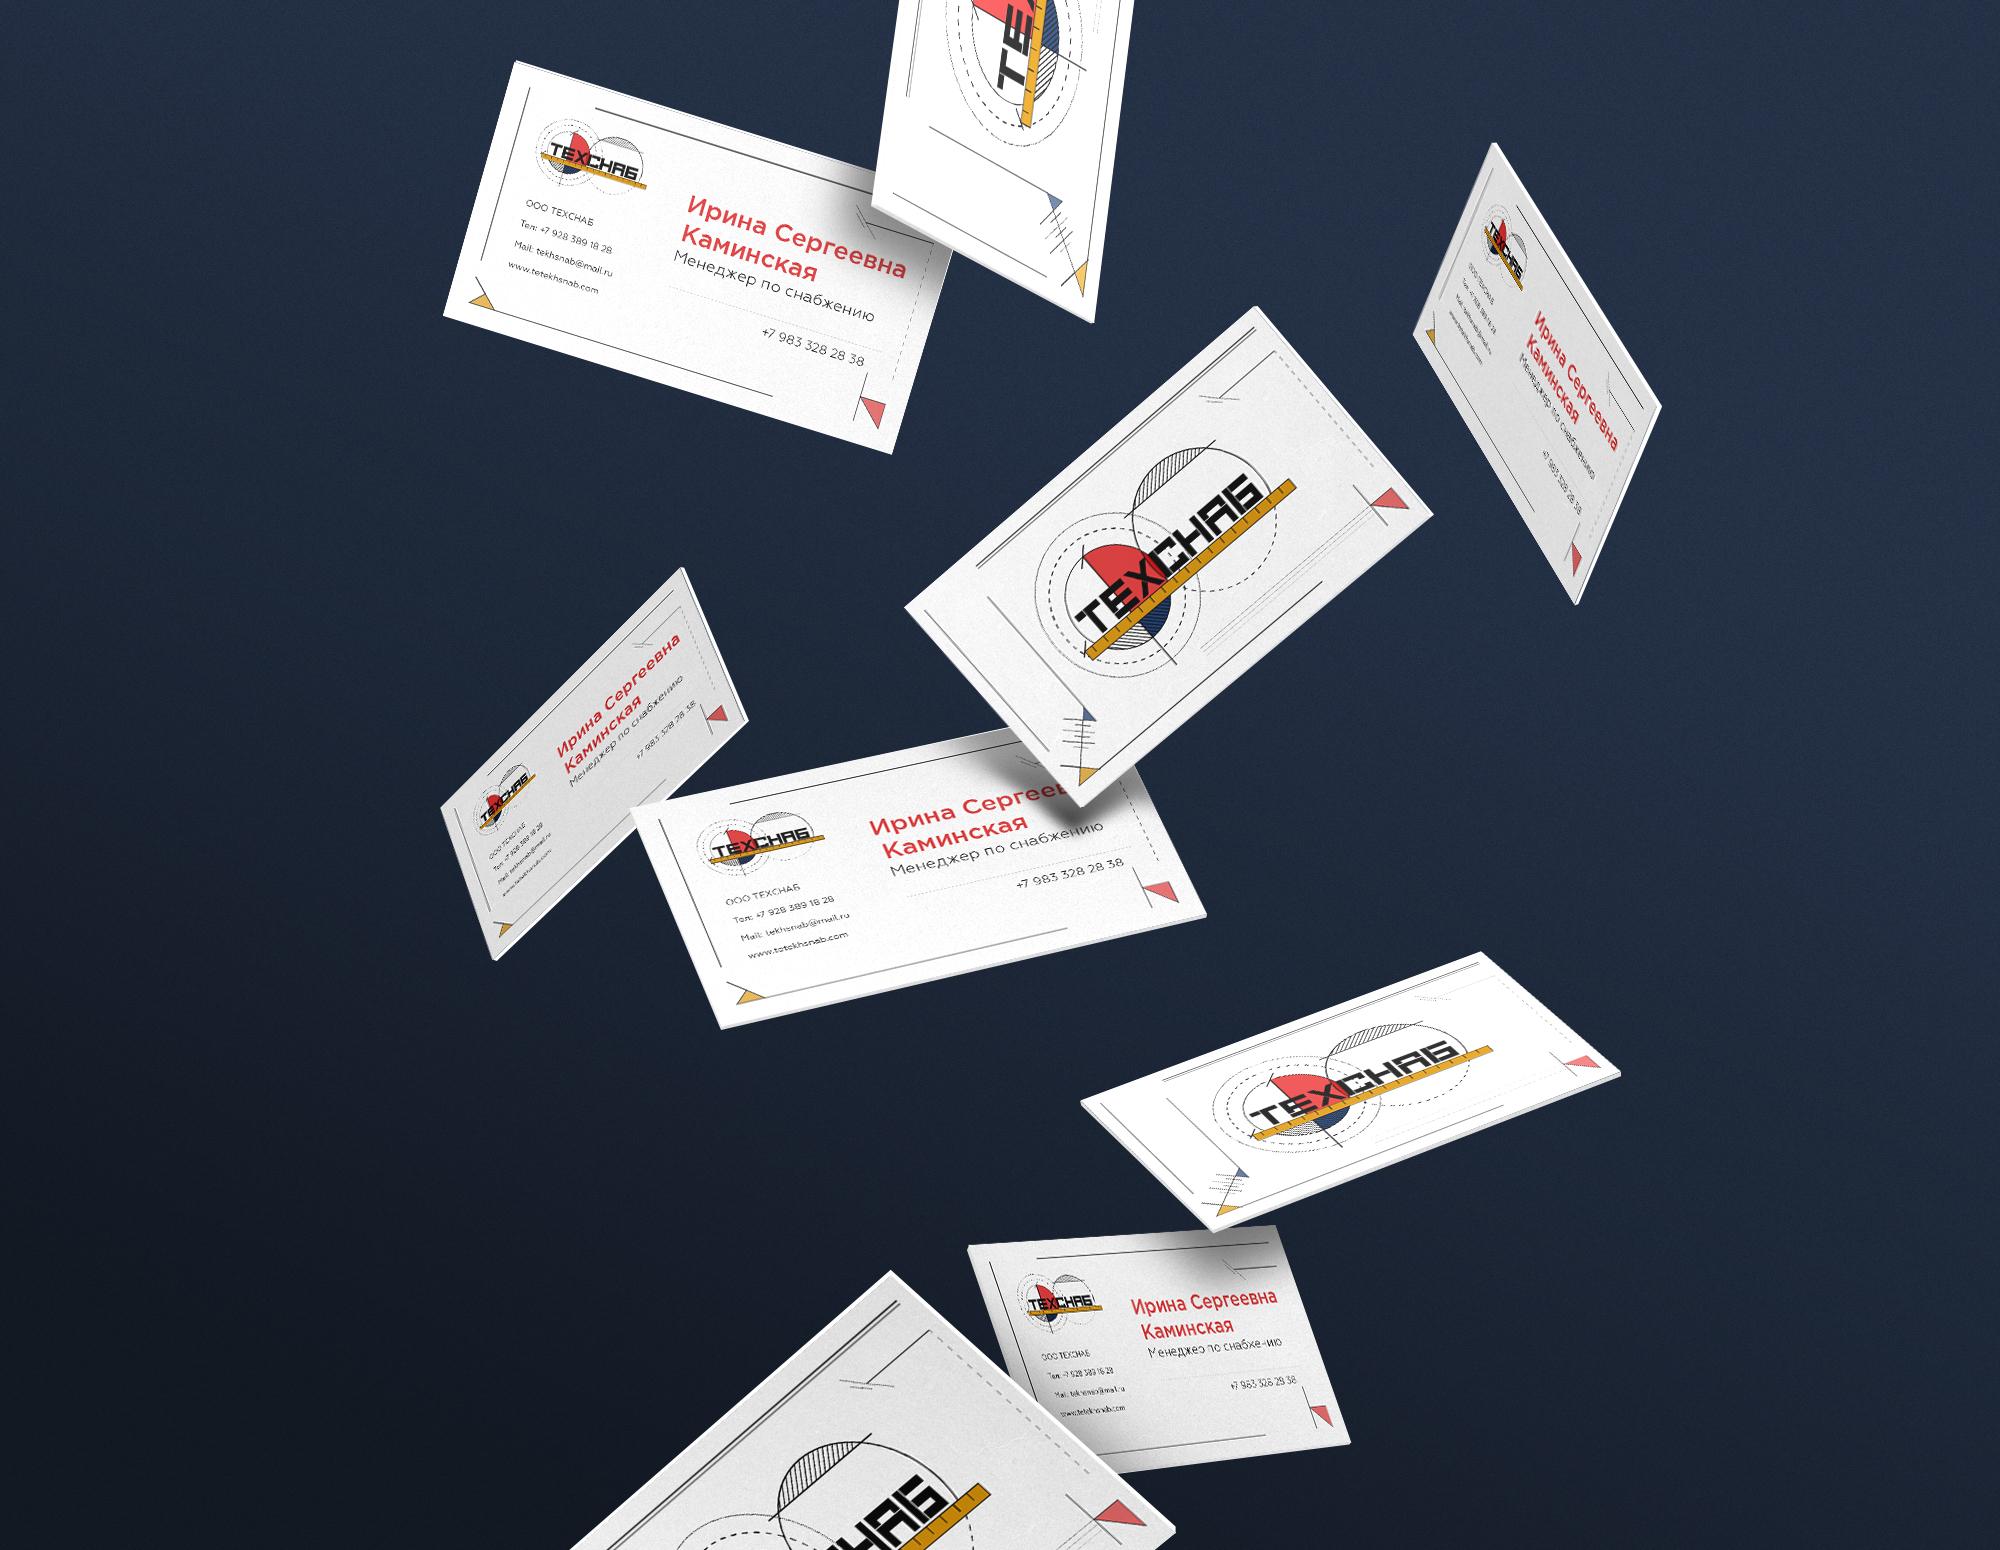 Разработка логотипа и фирм. стиля компании  ТЕХСНАБ фото f_4375b2093cf0a202.jpg